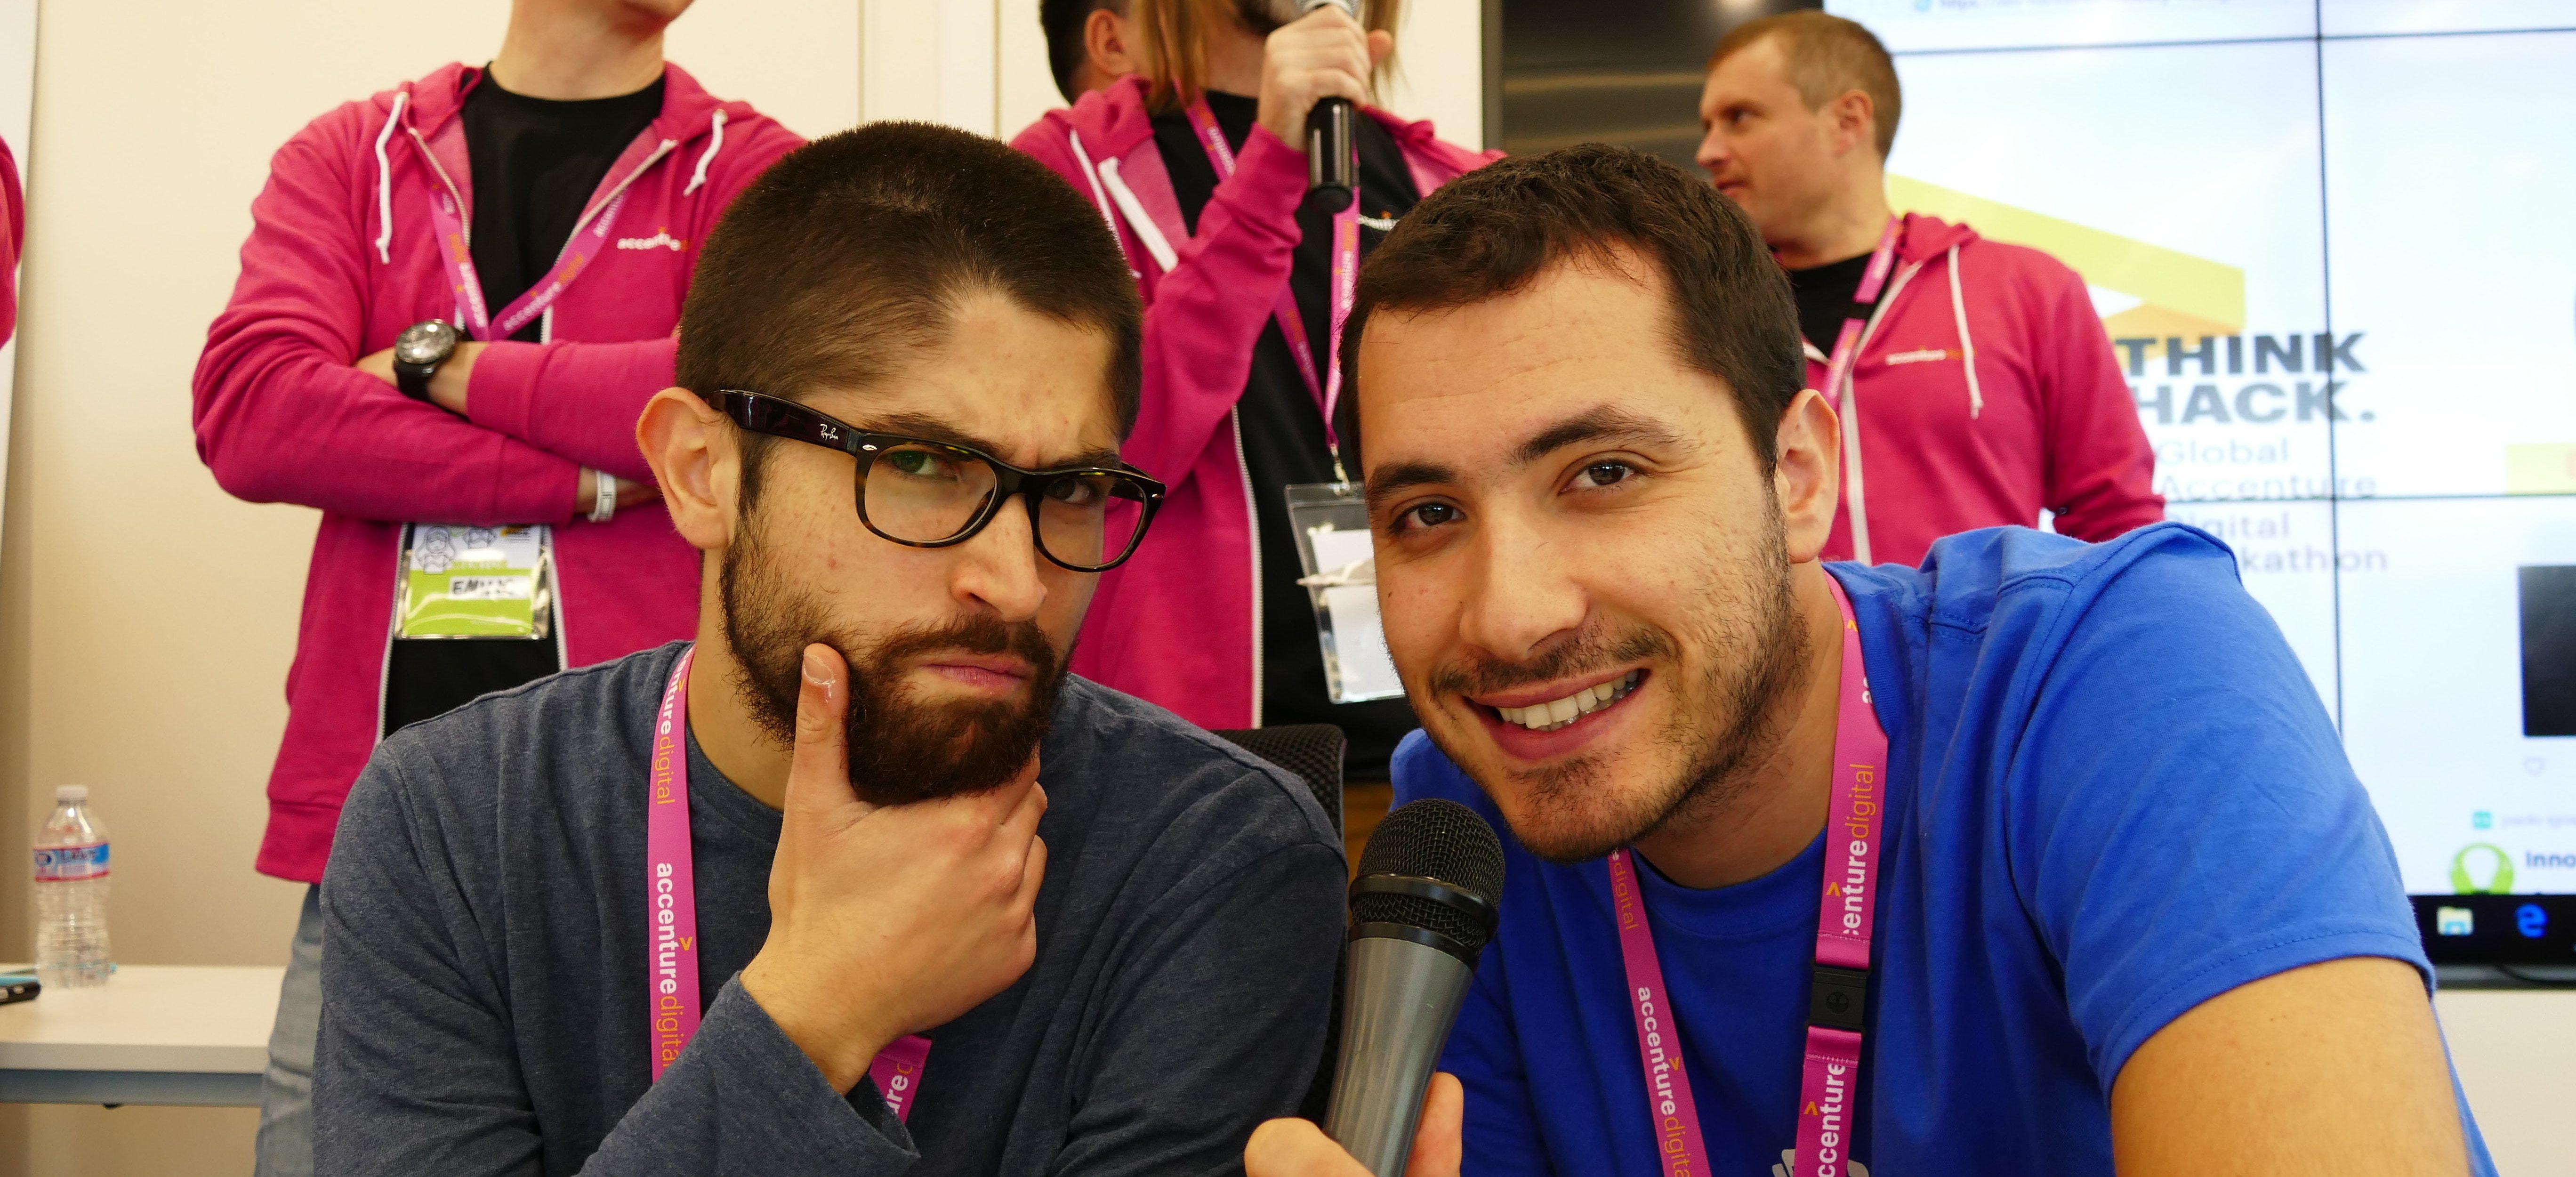 Digital_Hackathon_Accenture_Social_Reporters (8)